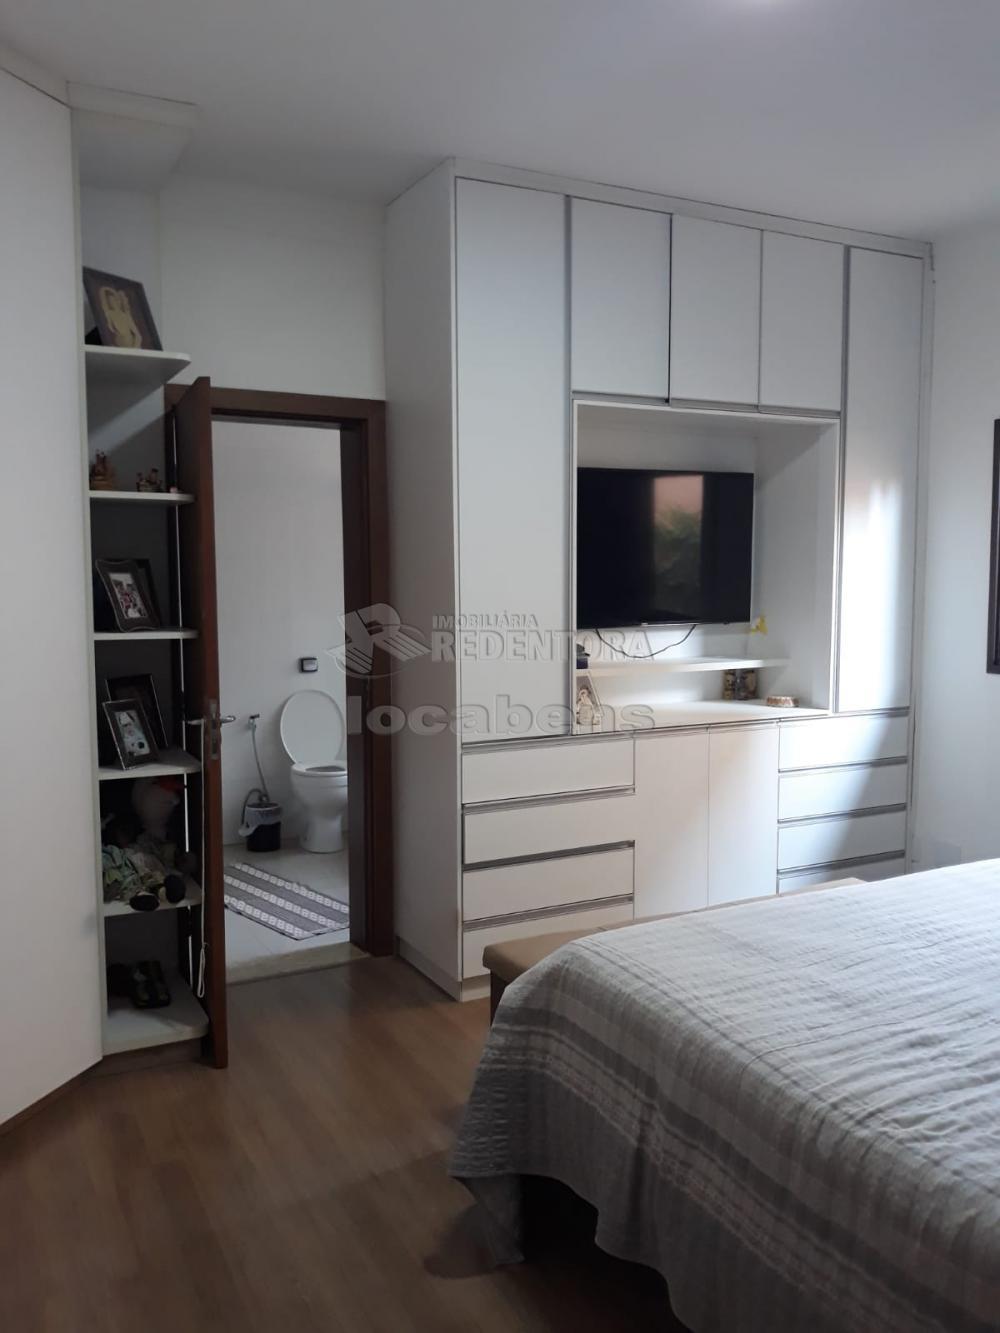 Comprar Casa / Condomínio em São José do Rio Preto R$ 1.600.000,00 - Foto 18